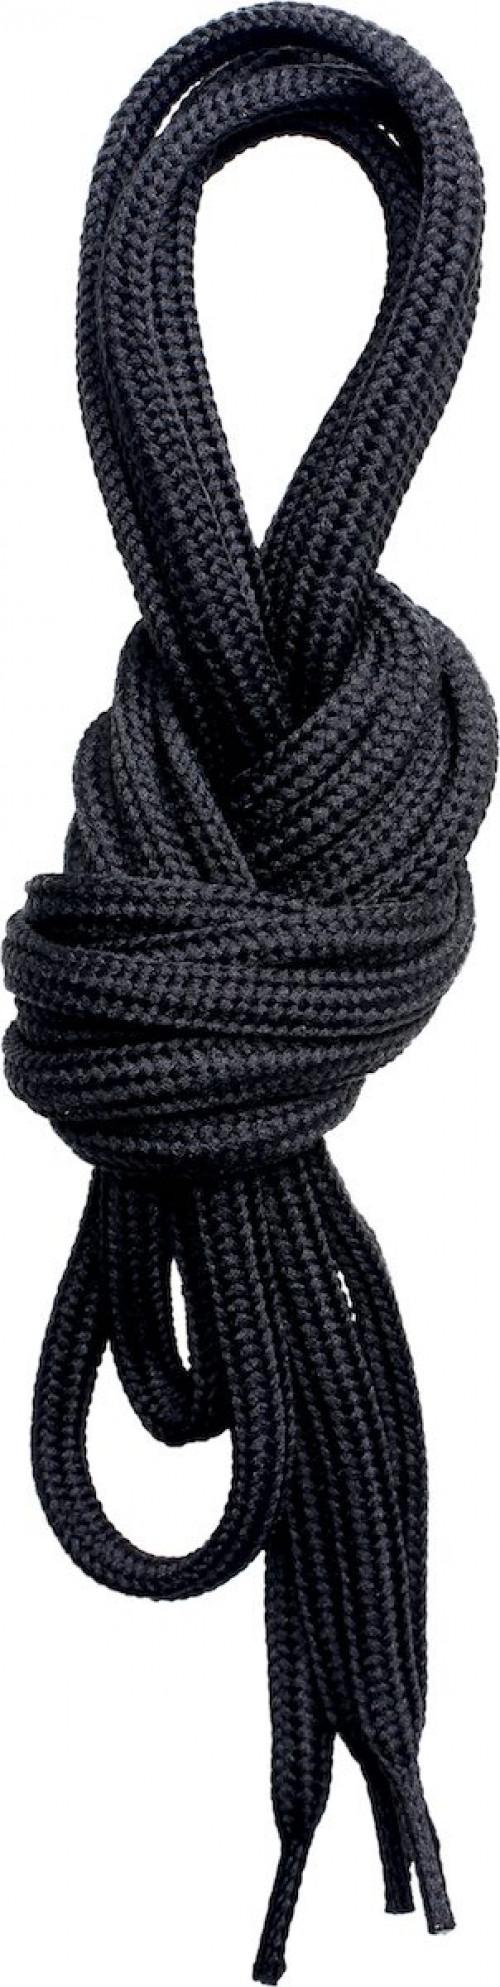 Lundhags Shoe Laces 180 Cm Black